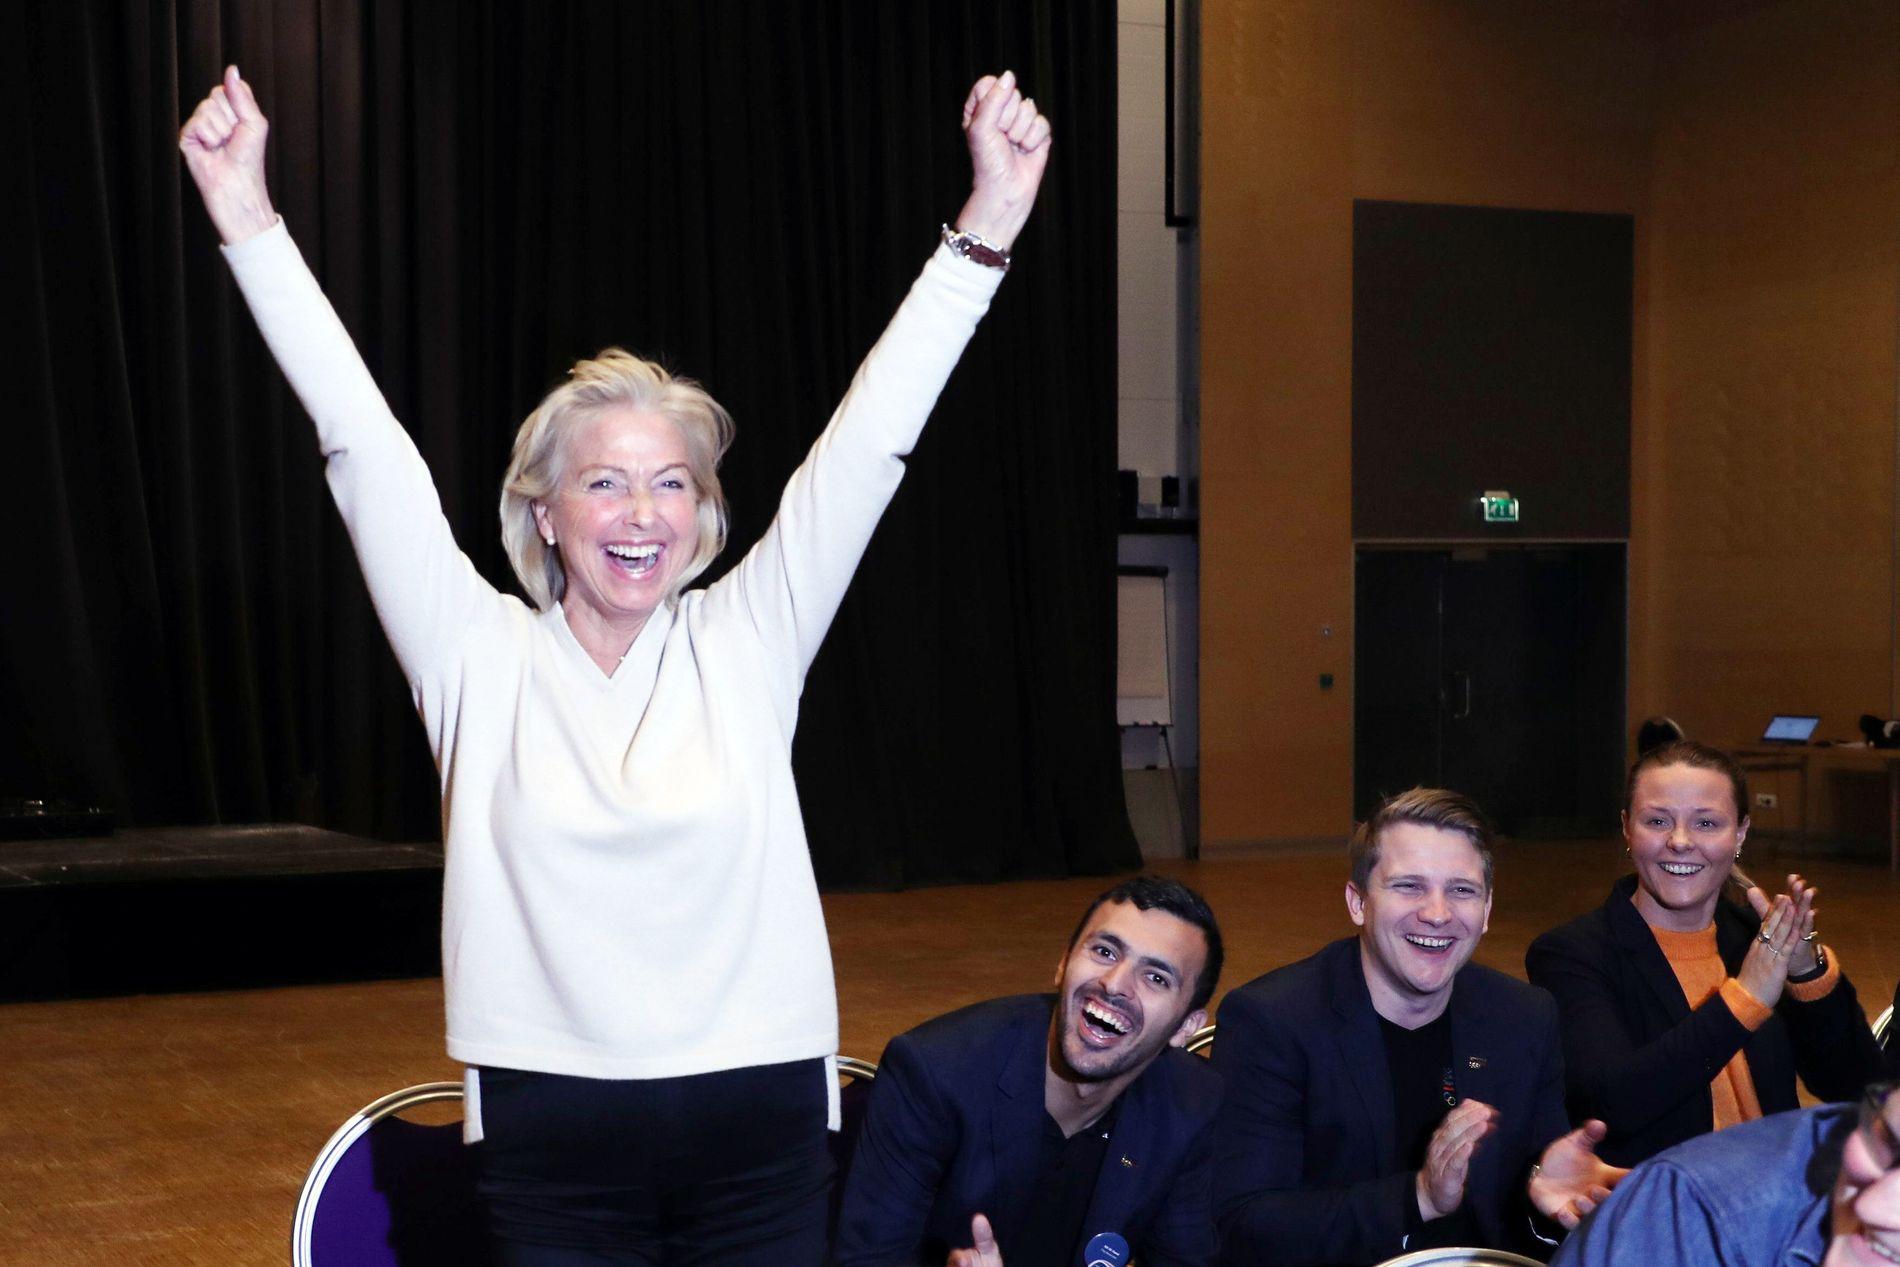 NY LEDER: Berit Kjøll vant med knappest mulig margin og etterfølger dermed Tom Tvedt som idrettspresident. Her er hun etter valget på Lillehammer i slutten av mai.